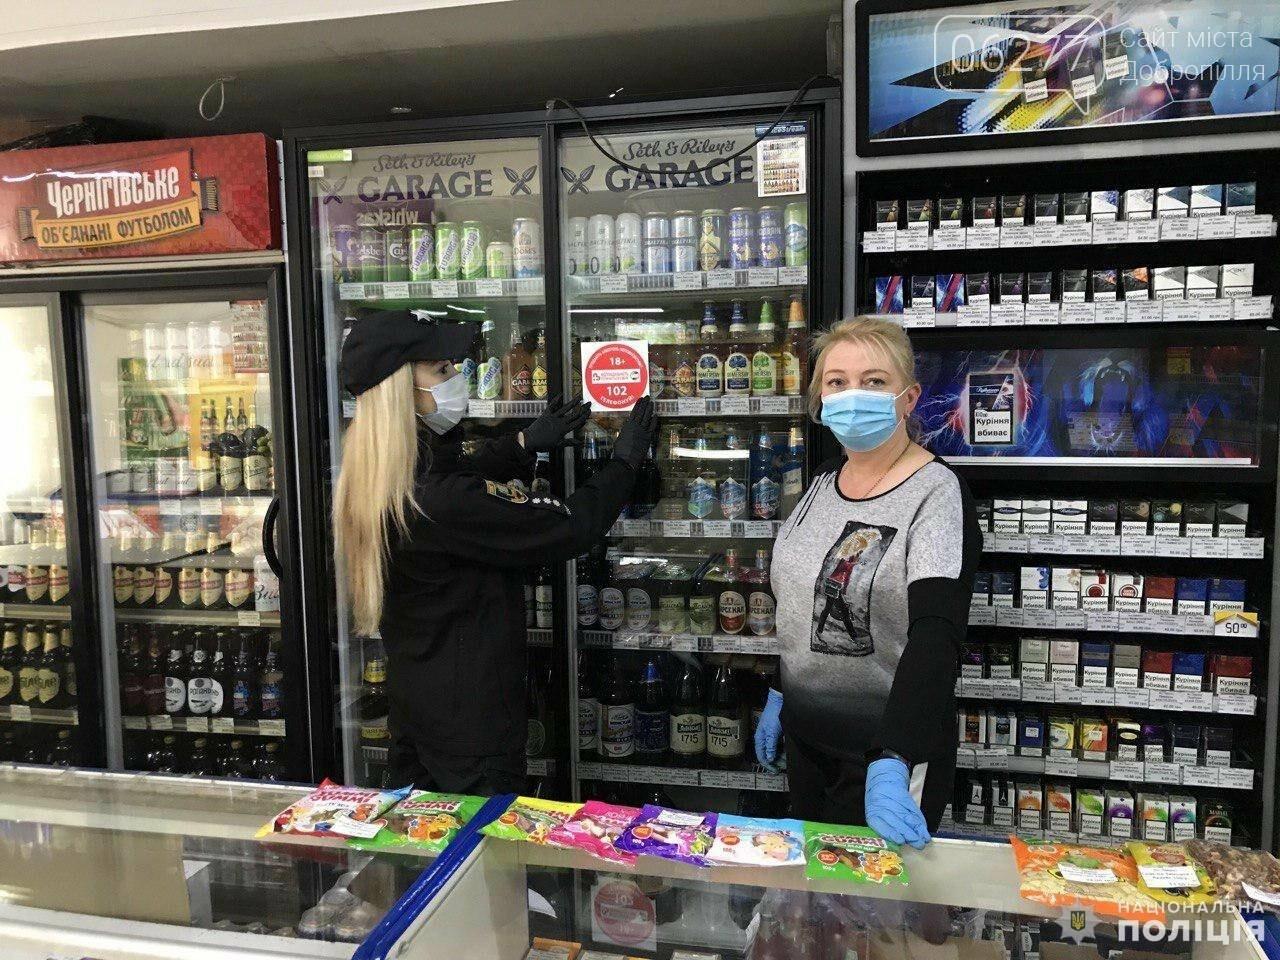 Добропільські поліцейські попереджають продавців про відповідальність за продаж алкоголю і тютюну неповнолітнім, фото-1